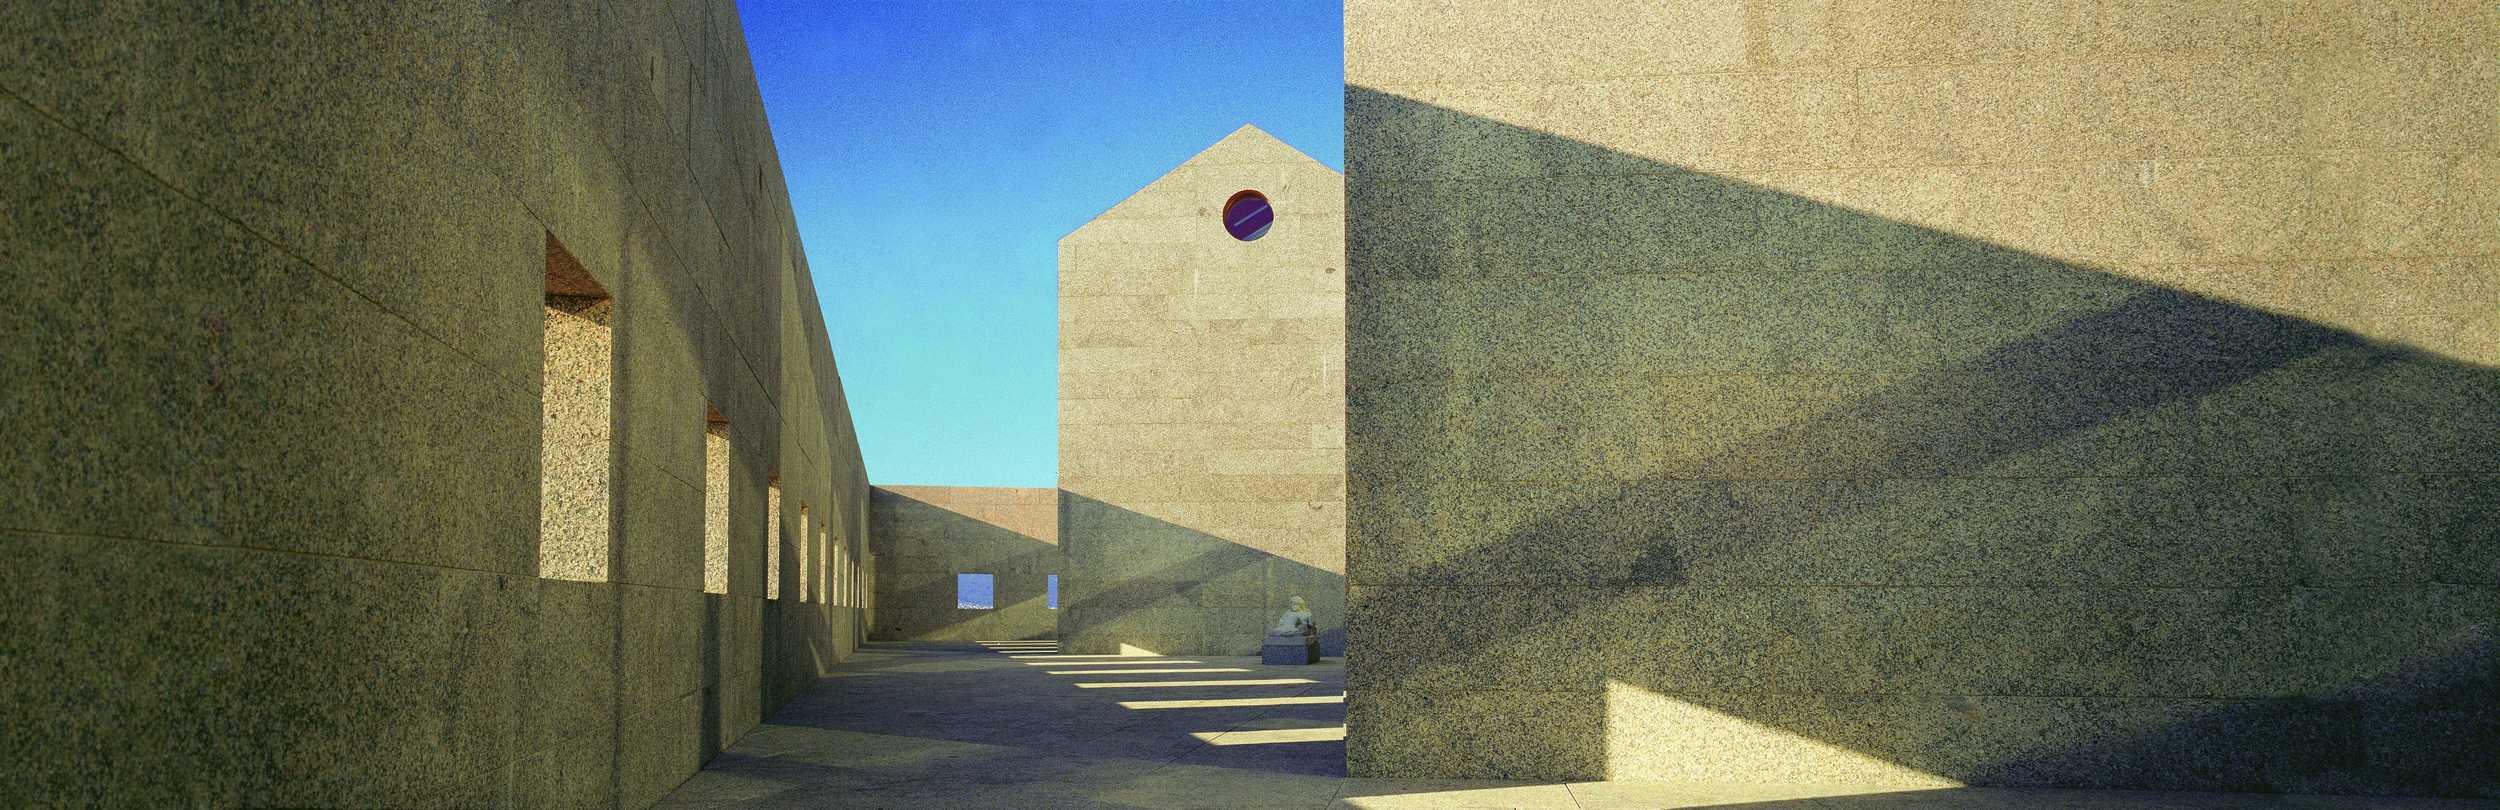 El Museo del Mar de Galicia, un inmenso balcón a la herencia y el paisaje